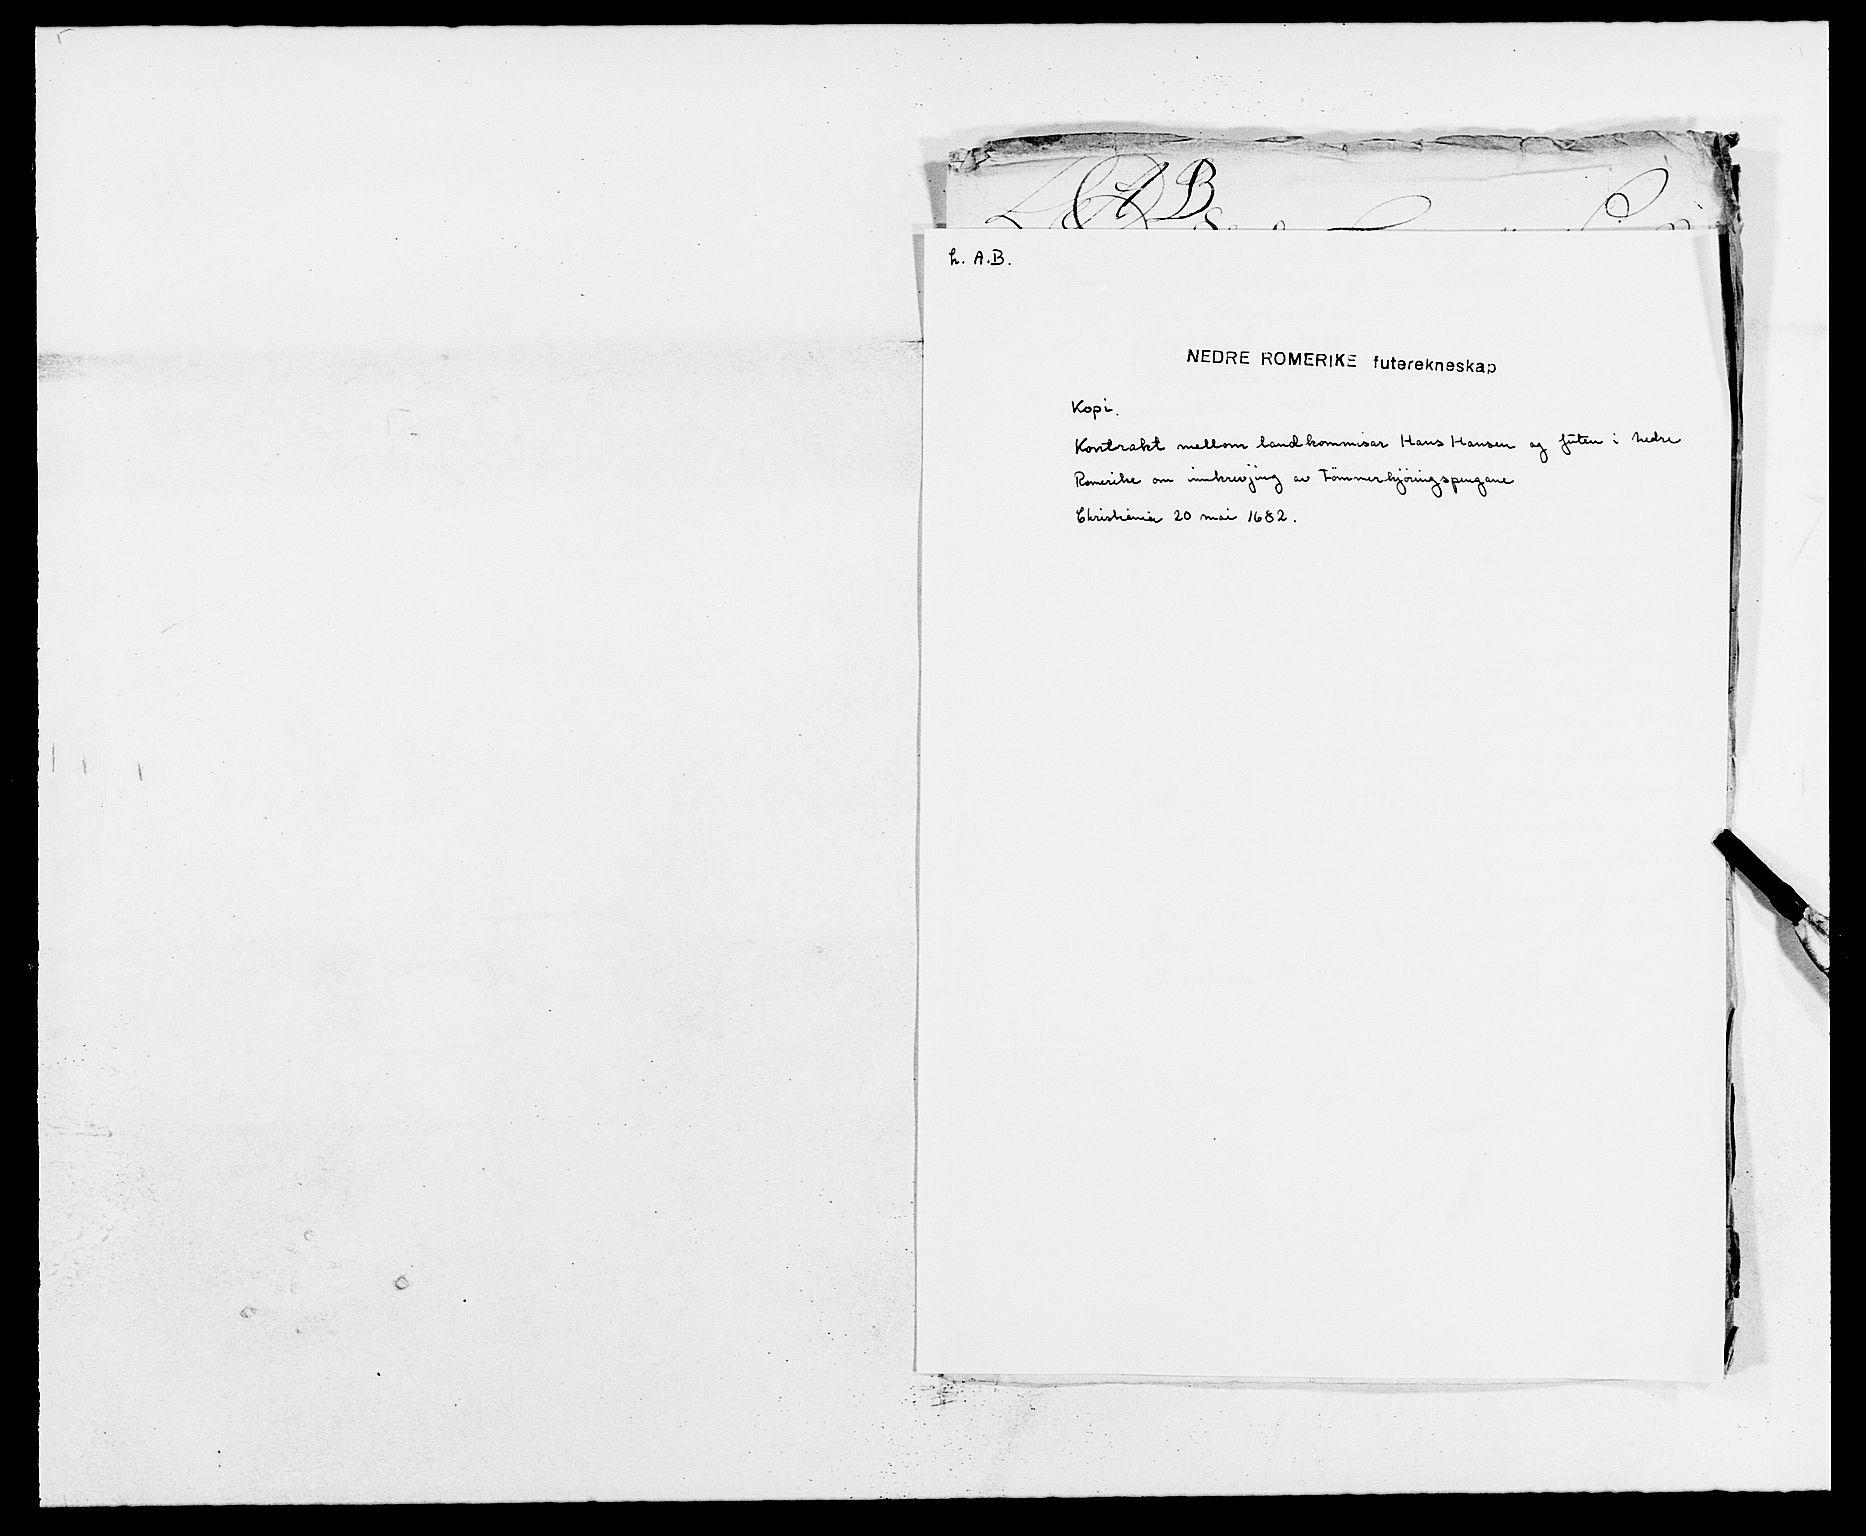 RA, Rentekammeret inntil 1814, Reviderte regnskaper, Fogderegnskap, R11/L0570: Fogderegnskap Nedre Romerike, 1682, s. 288